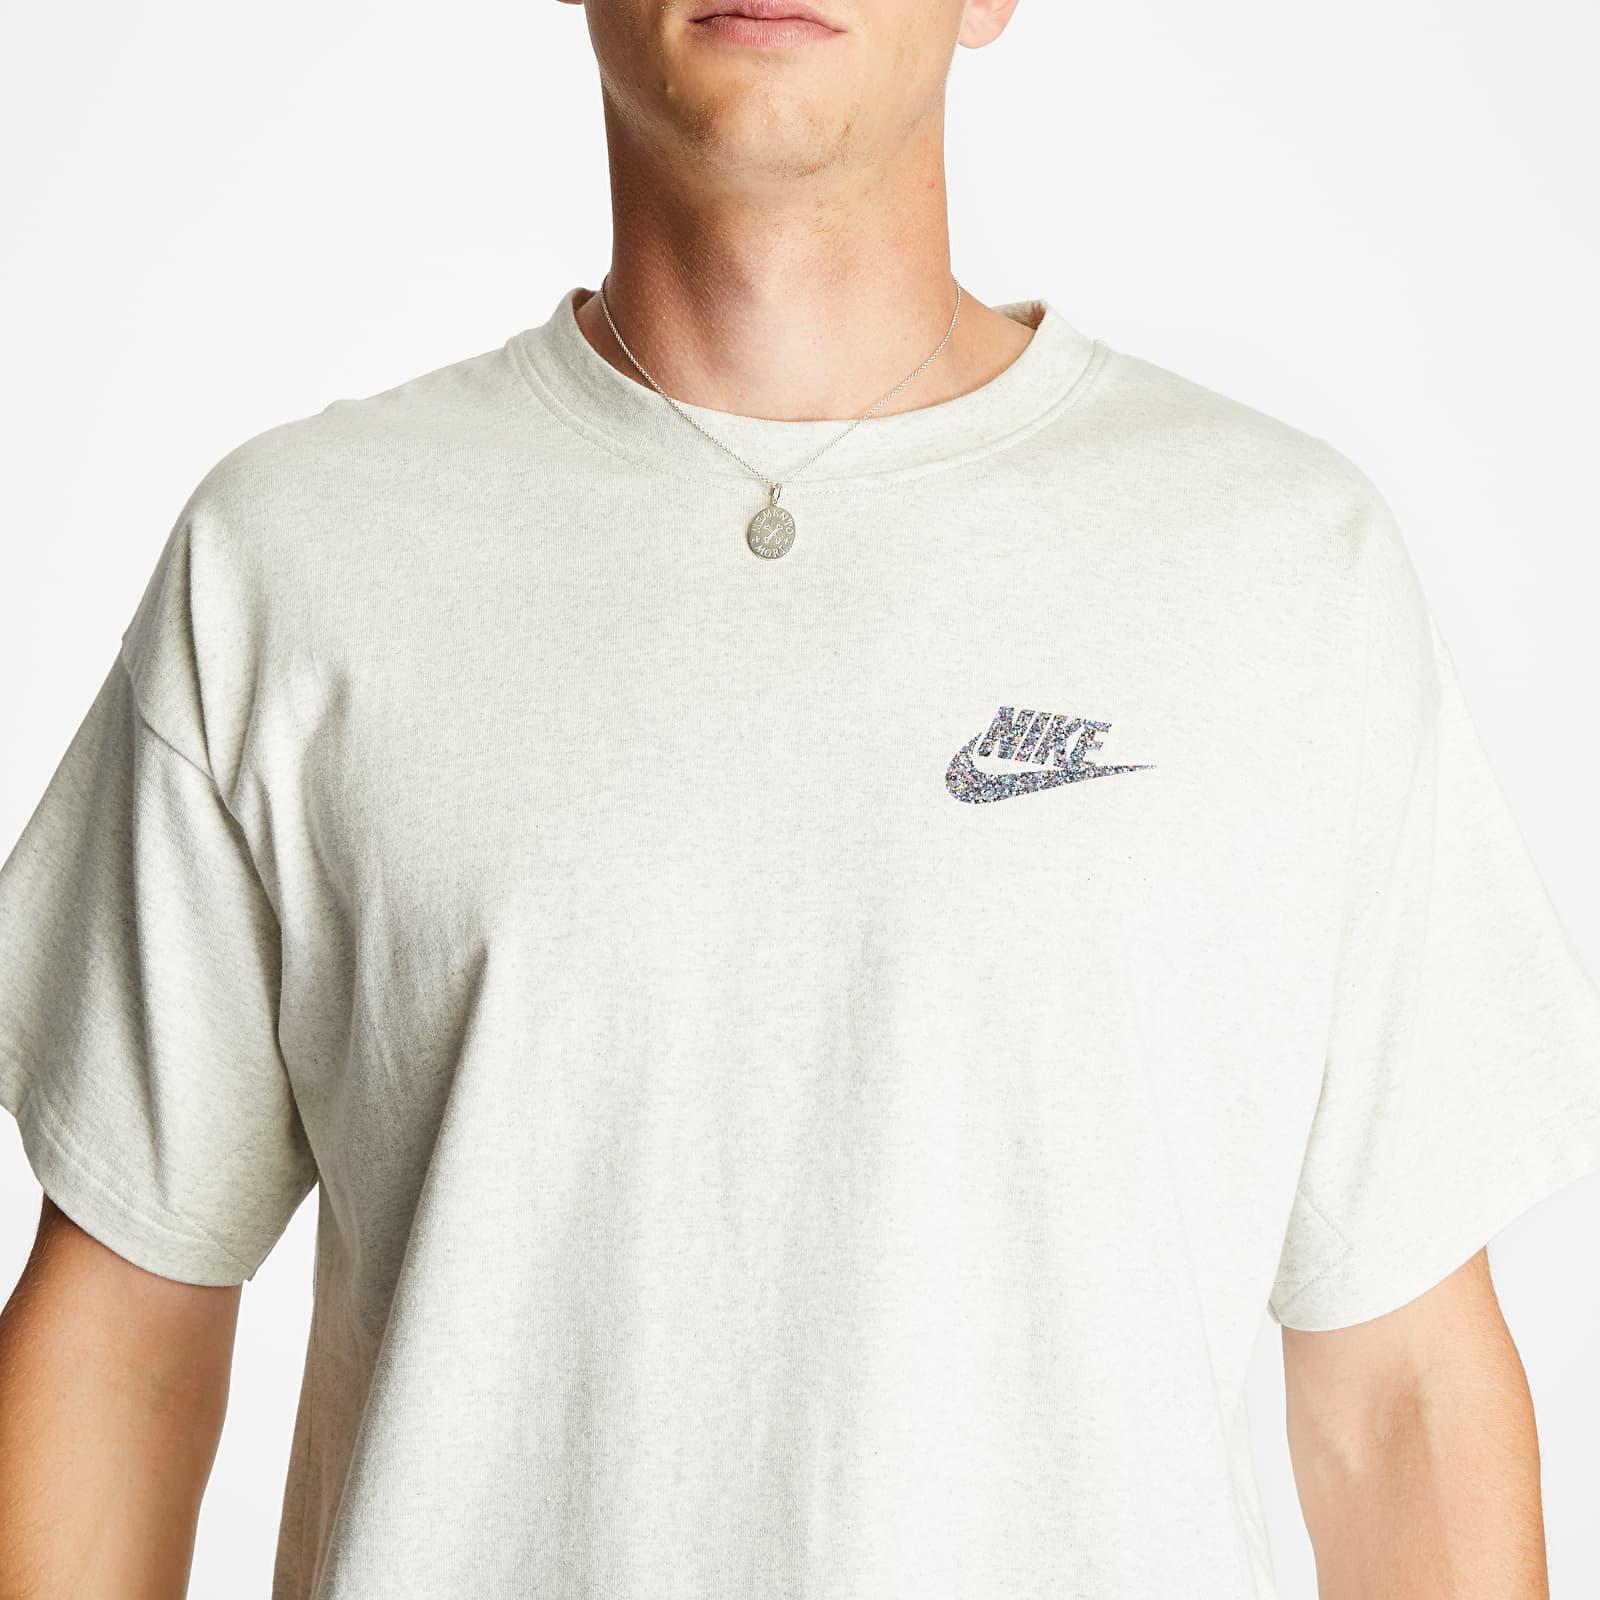 Nike Sportswear Tee Multi-Color/ White/ Multi-Color, Multicolour